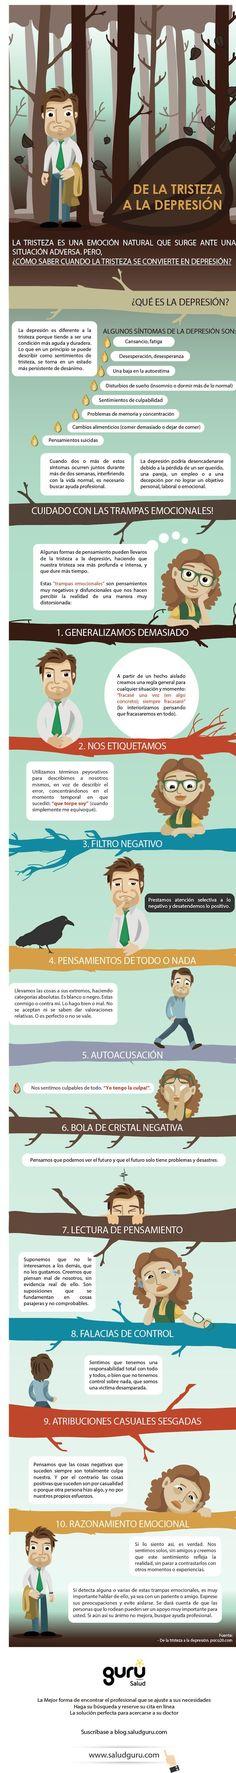 De la #tristeza a la #depresion #infografia vivir con depresión                                                                                                                                                     Más